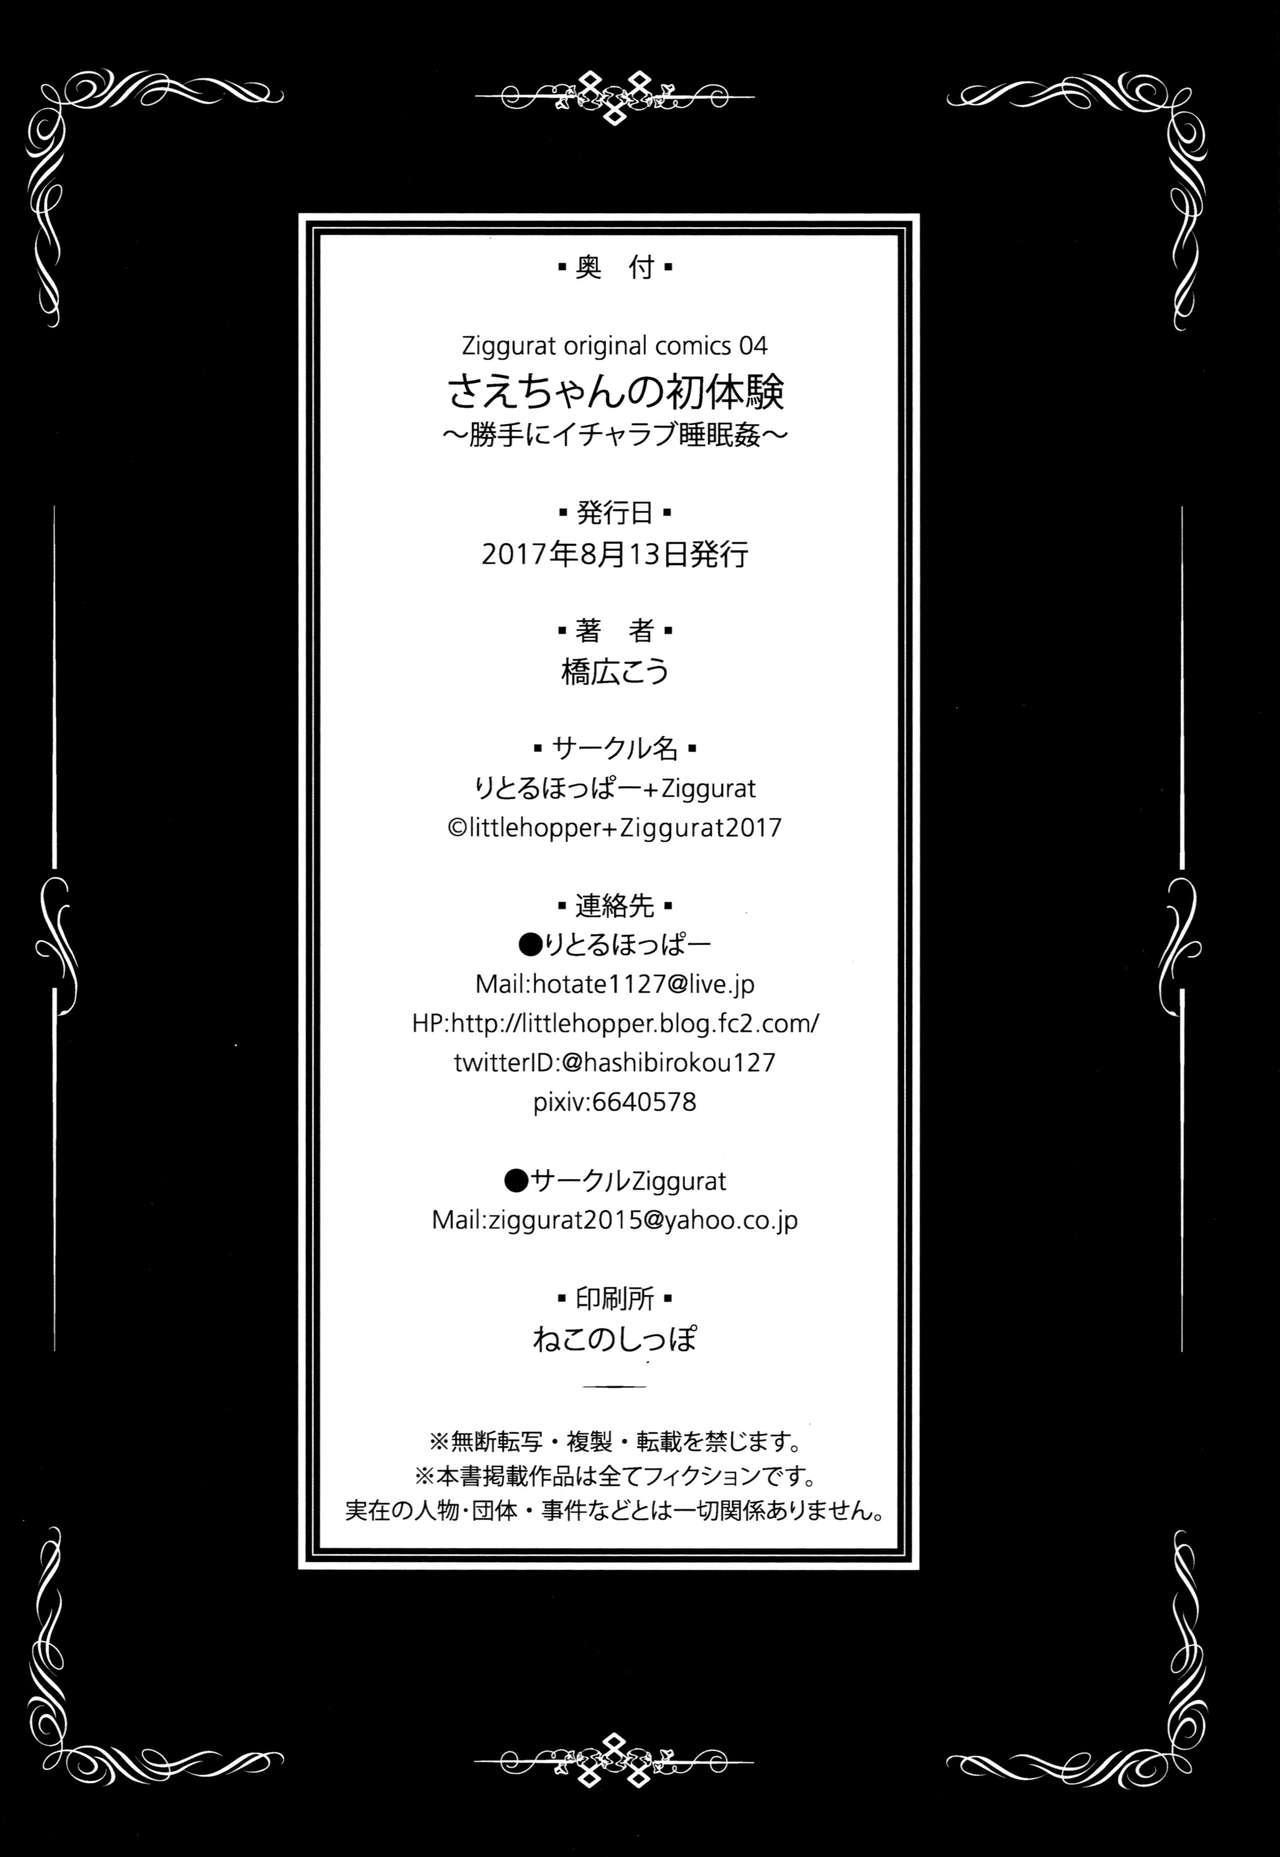 (C92) [littlehopper+Ziggurat (Hashibiro Kou)] Sae-chan no Hatsutaiken ~Katte ni Icha Love Suiminkan~   Sae-chan's First Time ~Do Me As You Please~ [English] [DKKMD Translations] 24